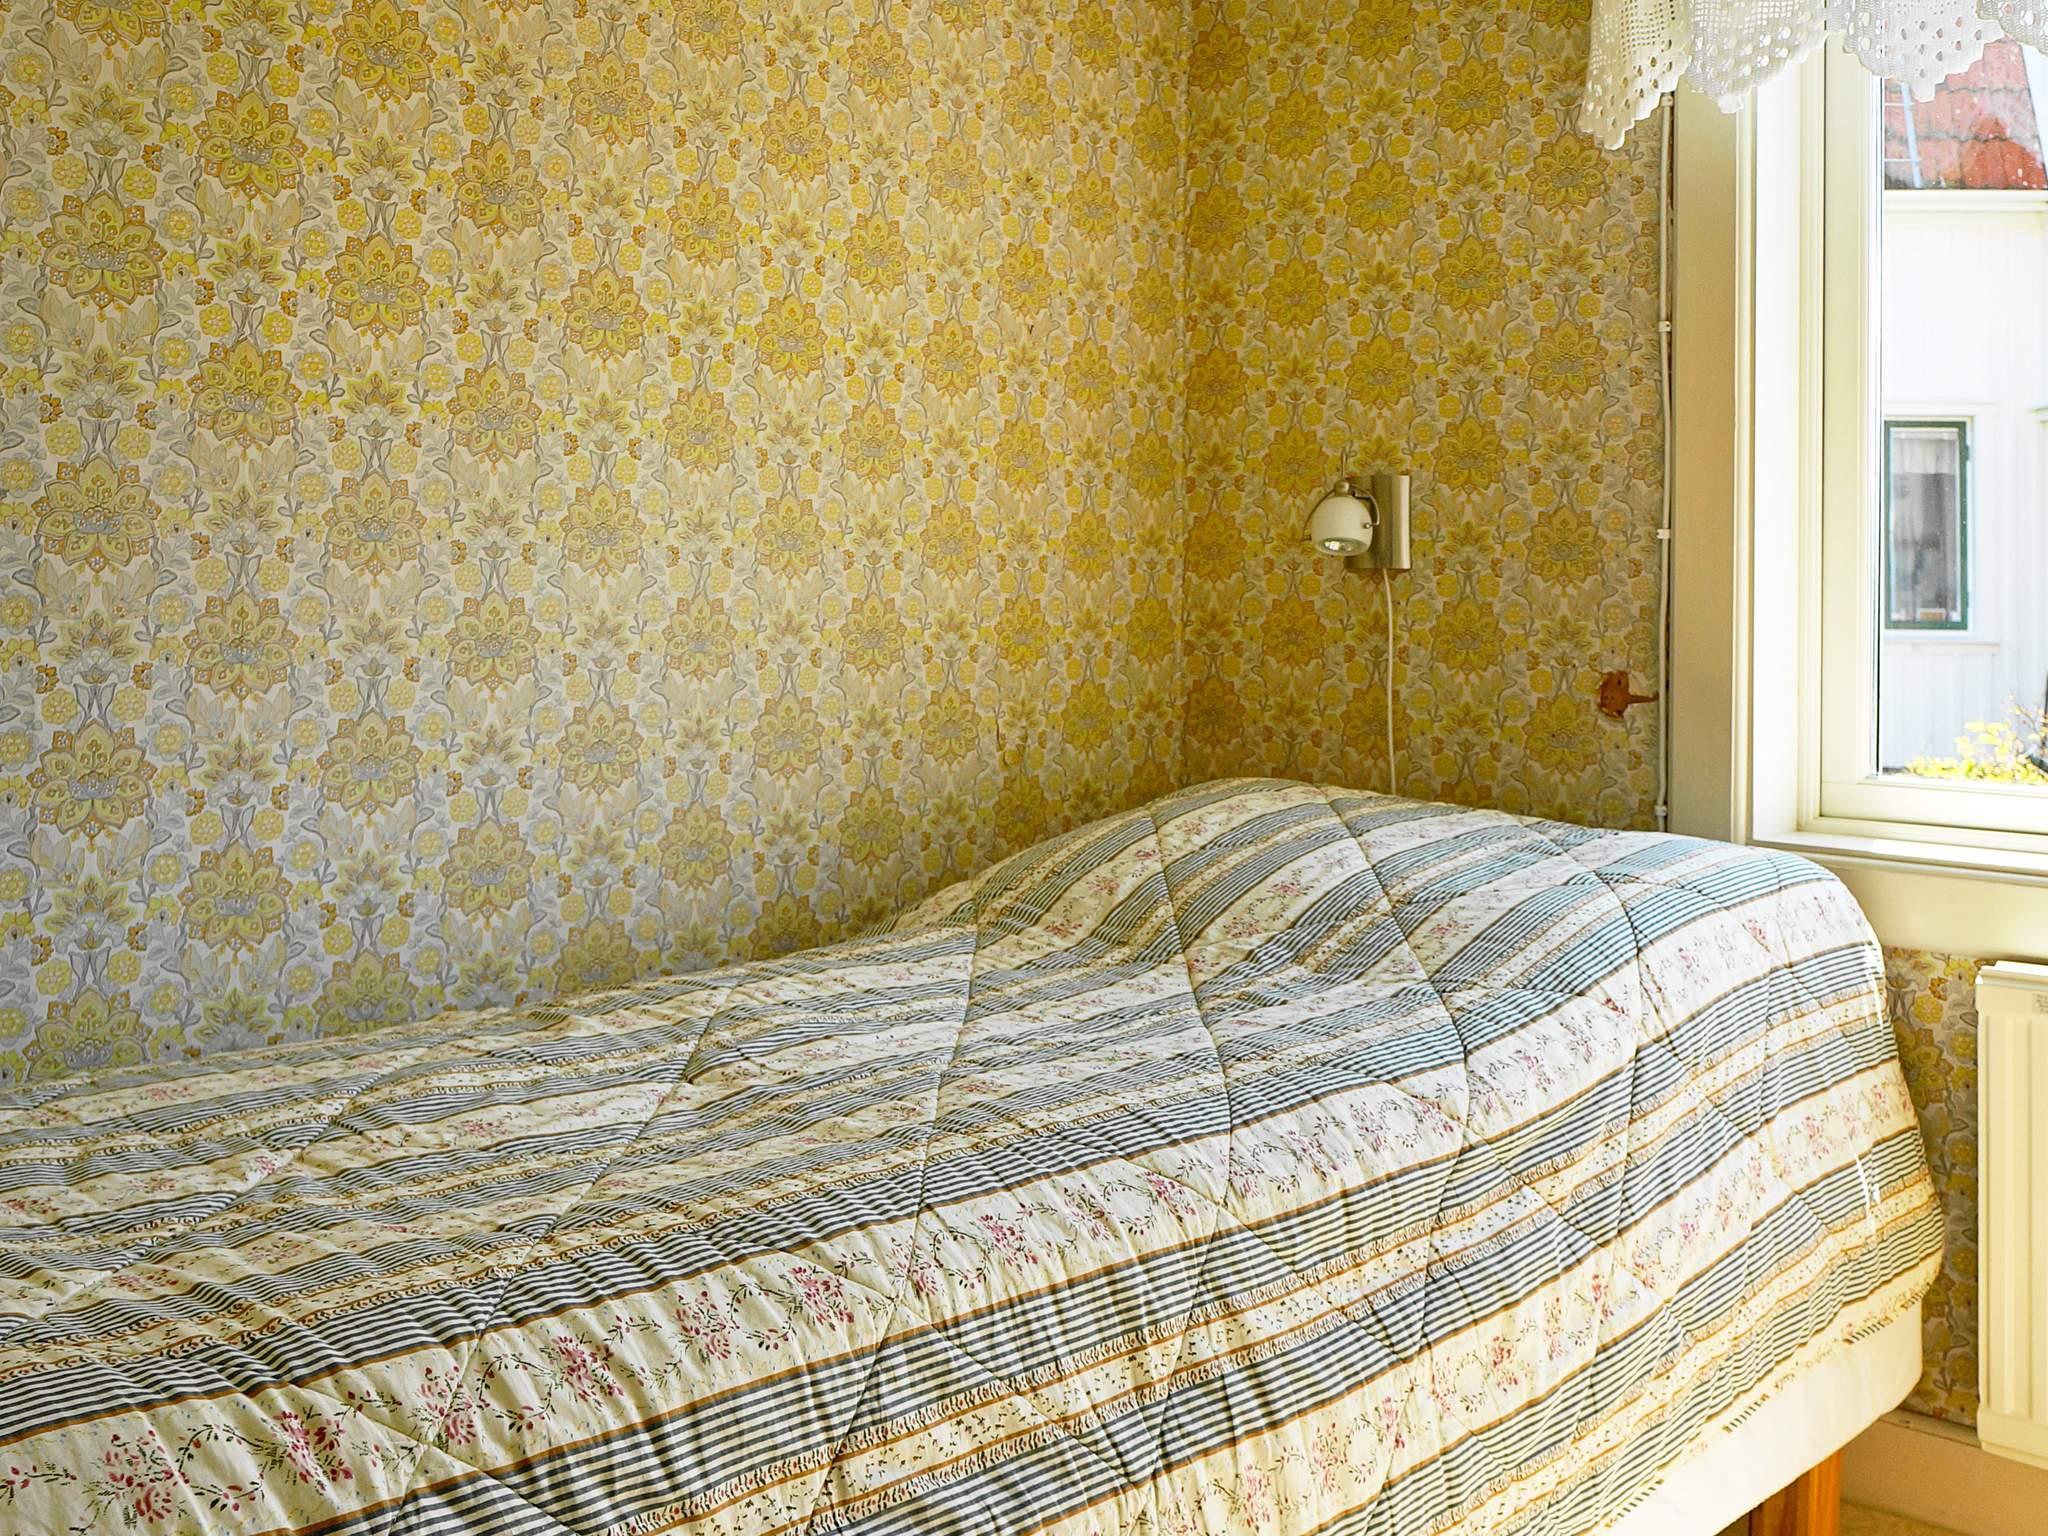 Ferienhaus Tjörn/Klövedal (607202), Klövedal, Tjörn, Westschweden, Schweden, Bild 8